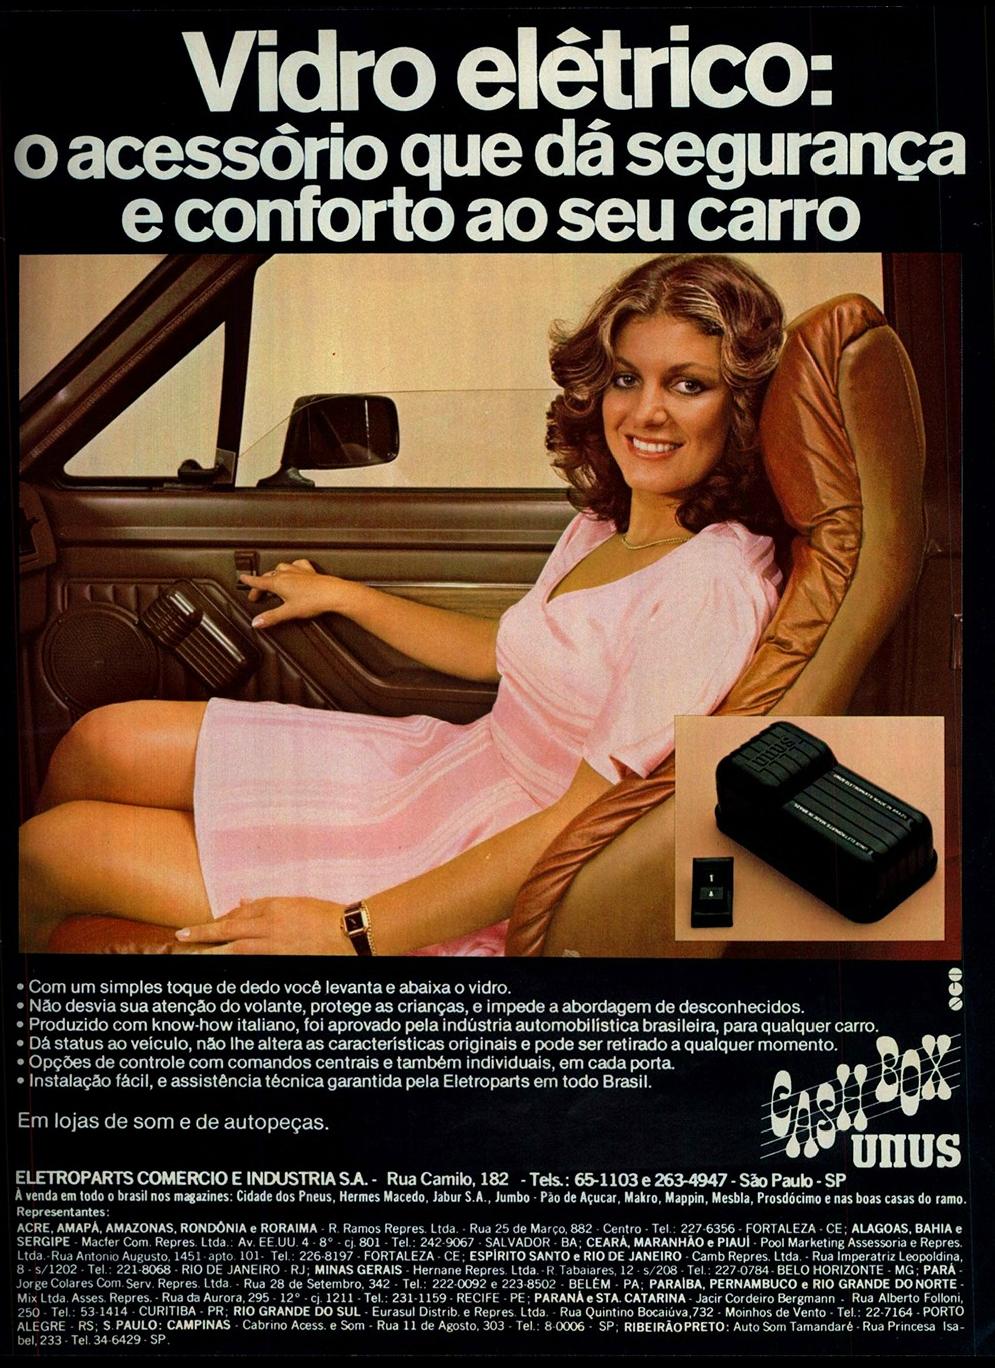 Anúncio promovia o vidro elétrico em automóveis no ano de 1979